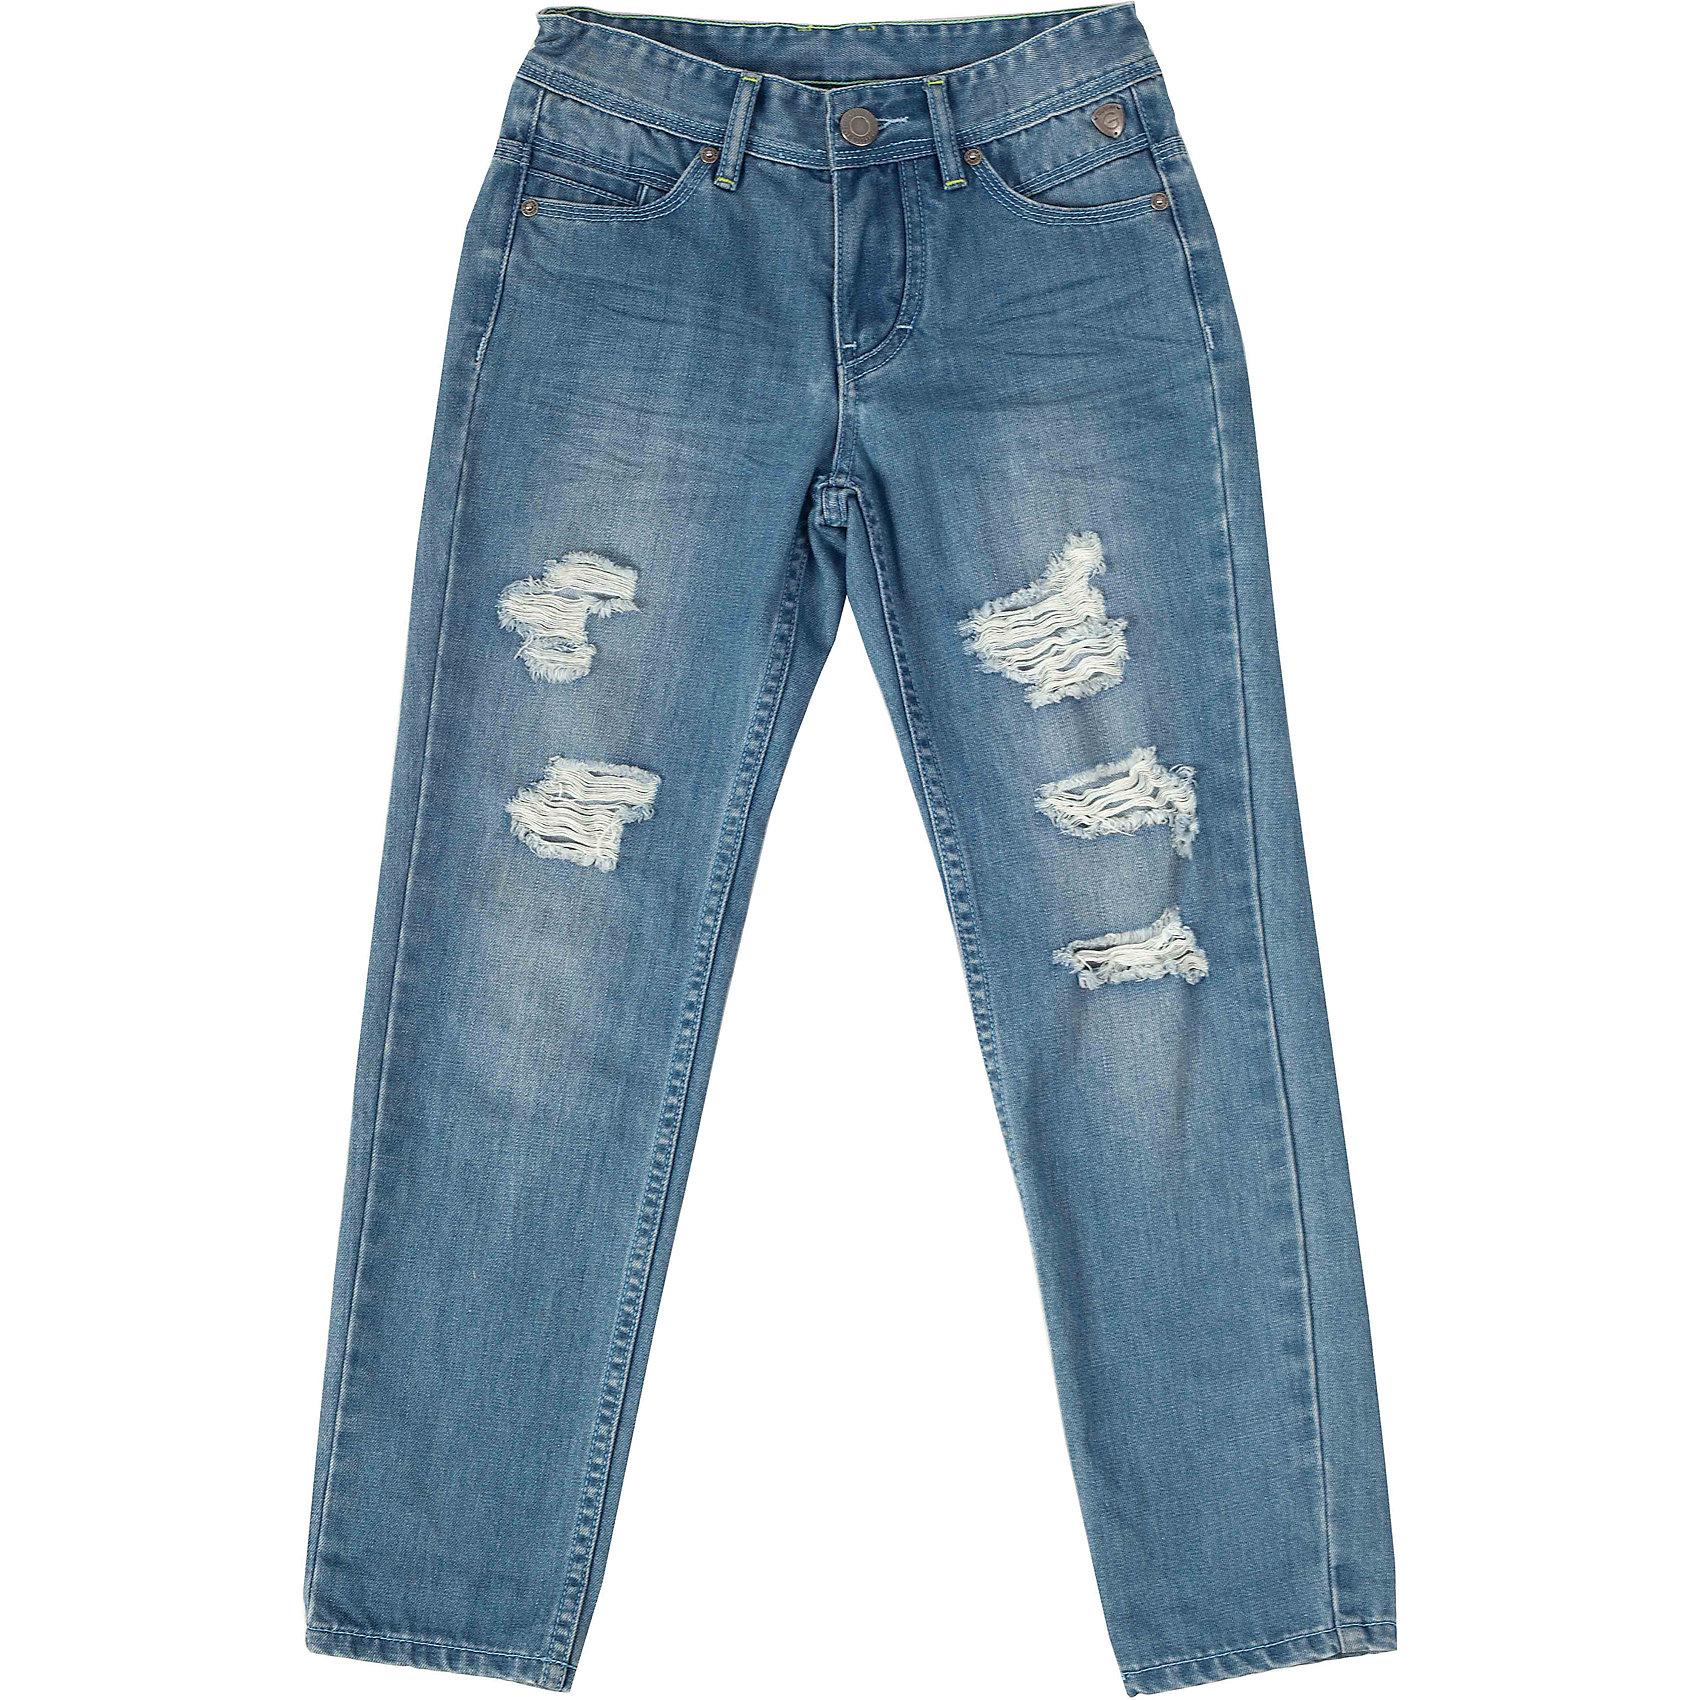 Брюки для мальчика GulliverОх уж эти модники... В гардеробе ребенка, конечно же, есть джинсы, но разве можно пройти мимо таких, настоящих, рваных, самых модных в сезоне Весна/Лето 2016? Стильные голубые джинсы для мальчика с потертостями, повреждениями и варкой сделают образ юного джентльмена современным! Голубые джинсы прямого силуэта, ставшие классикой повседневного стиля - идеальный вариант для теплой весенней погоды. Вы хотите купить стильные джинсы для мальчика? Обратите внимание на эту модель и ваш ребенок будет в восторге!<br>Состав:<br>80% хлопок 20% полиестер<br><br>Ширина мм: 215<br>Глубина мм: 88<br>Высота мм: 191<br>Вес г: 336<br>Цвет: голубой<br>Возраст от месяцев: 144<br>Возраст до месяцев: 156<br>Пол: Мужской<br>Возраст: Детский<br>Размер: 158,134,128,152,140,146<br>SKU: 4534339